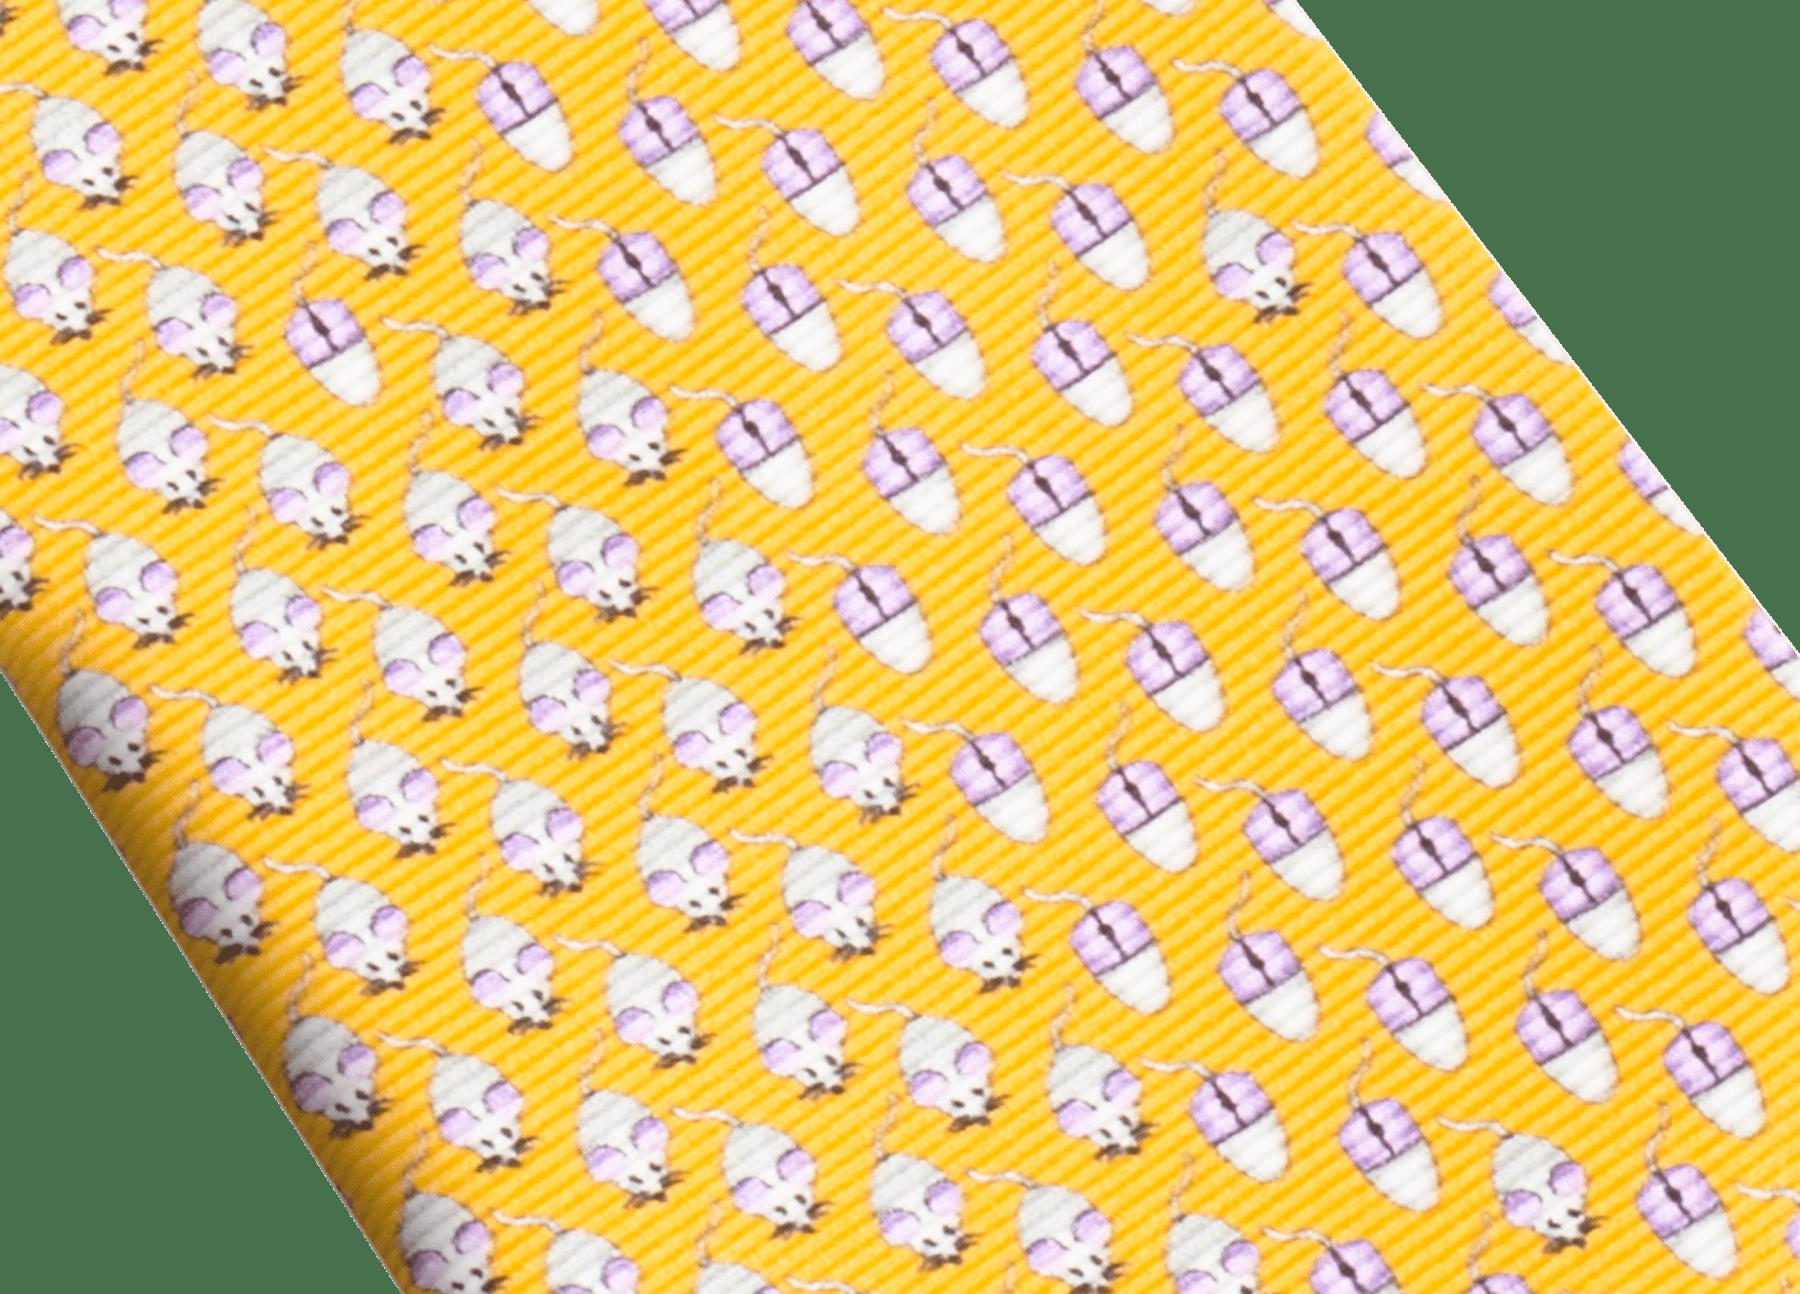 Mandarin Mouse Click pattern seven-fold tie in fine saglione printed silk. 244205 image 2